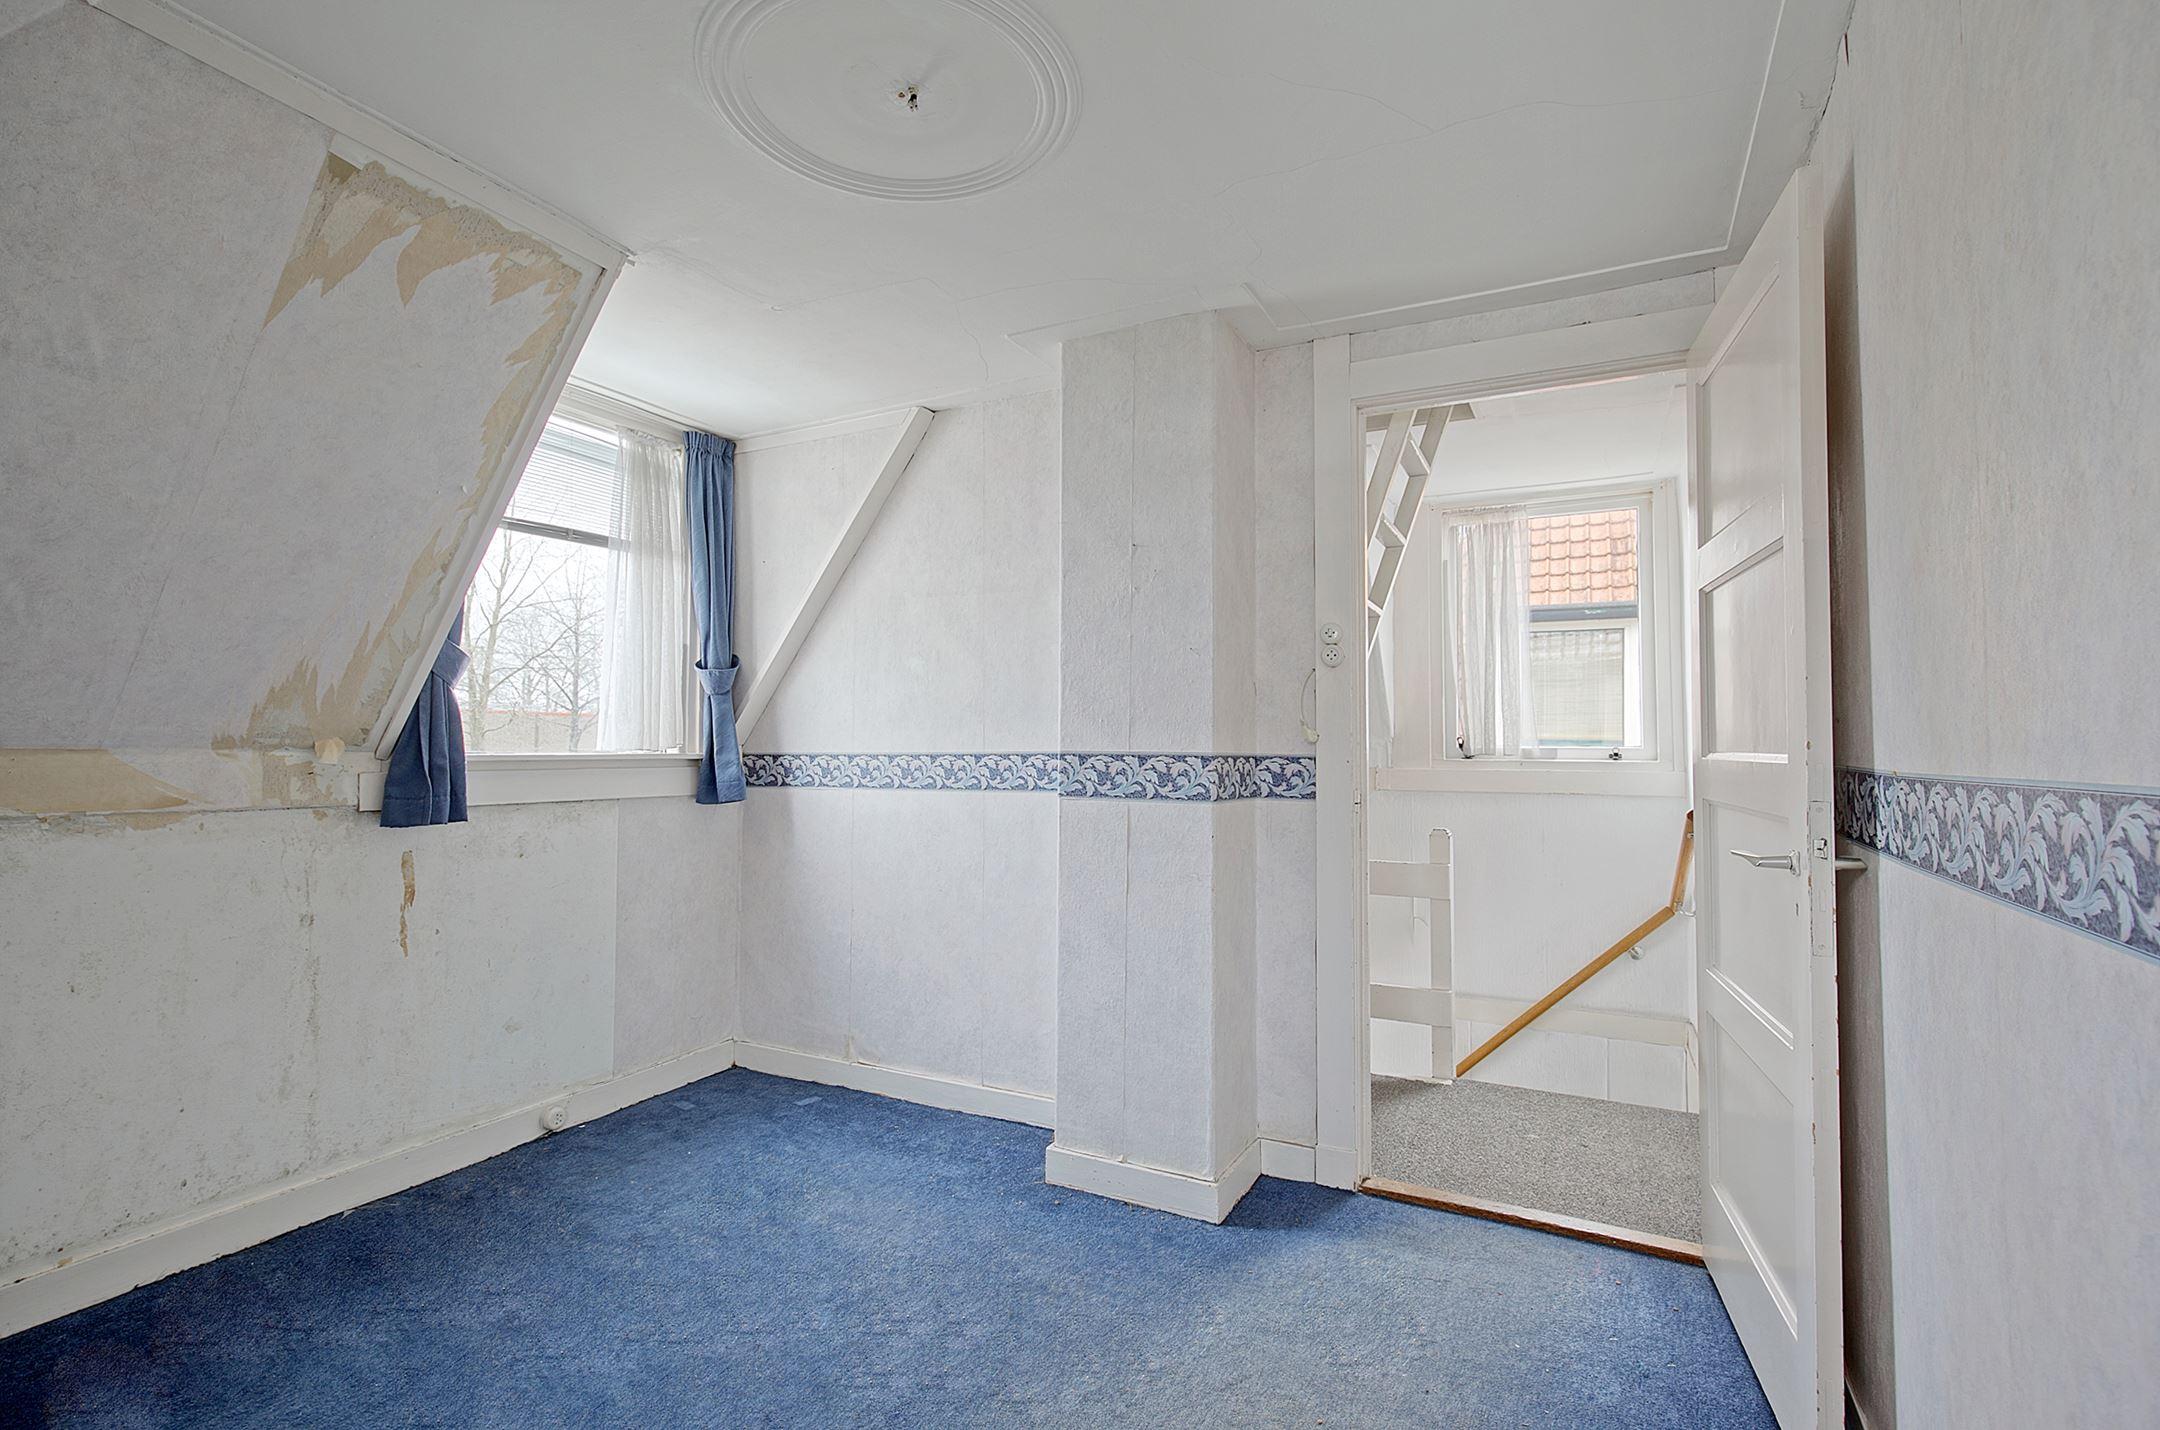 Huis te koop klinkenbergerweg 39 6711 mh ede funda - Entree eigentijds huis ...